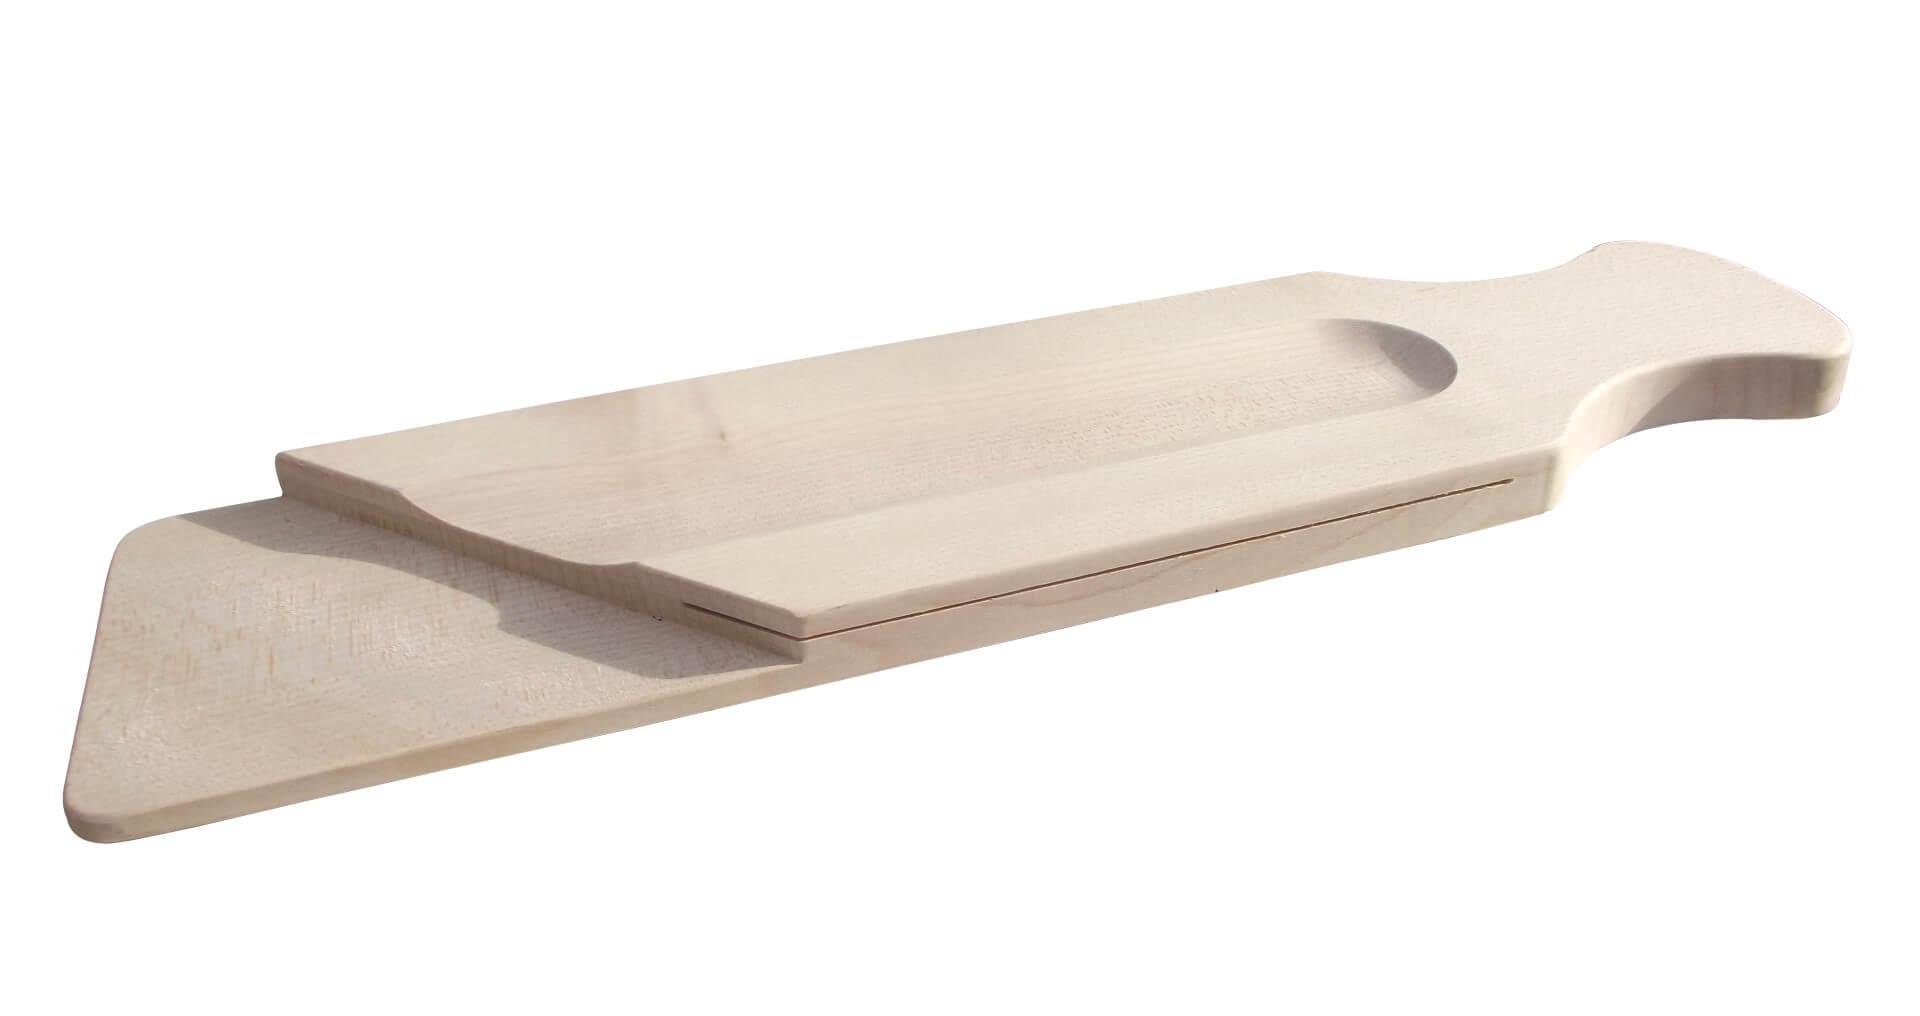 planche d couper pour saucisson porte couteau bois d aulne promofactory by intermax. Black Bedroom Furniture Sets. Home Design Ideas